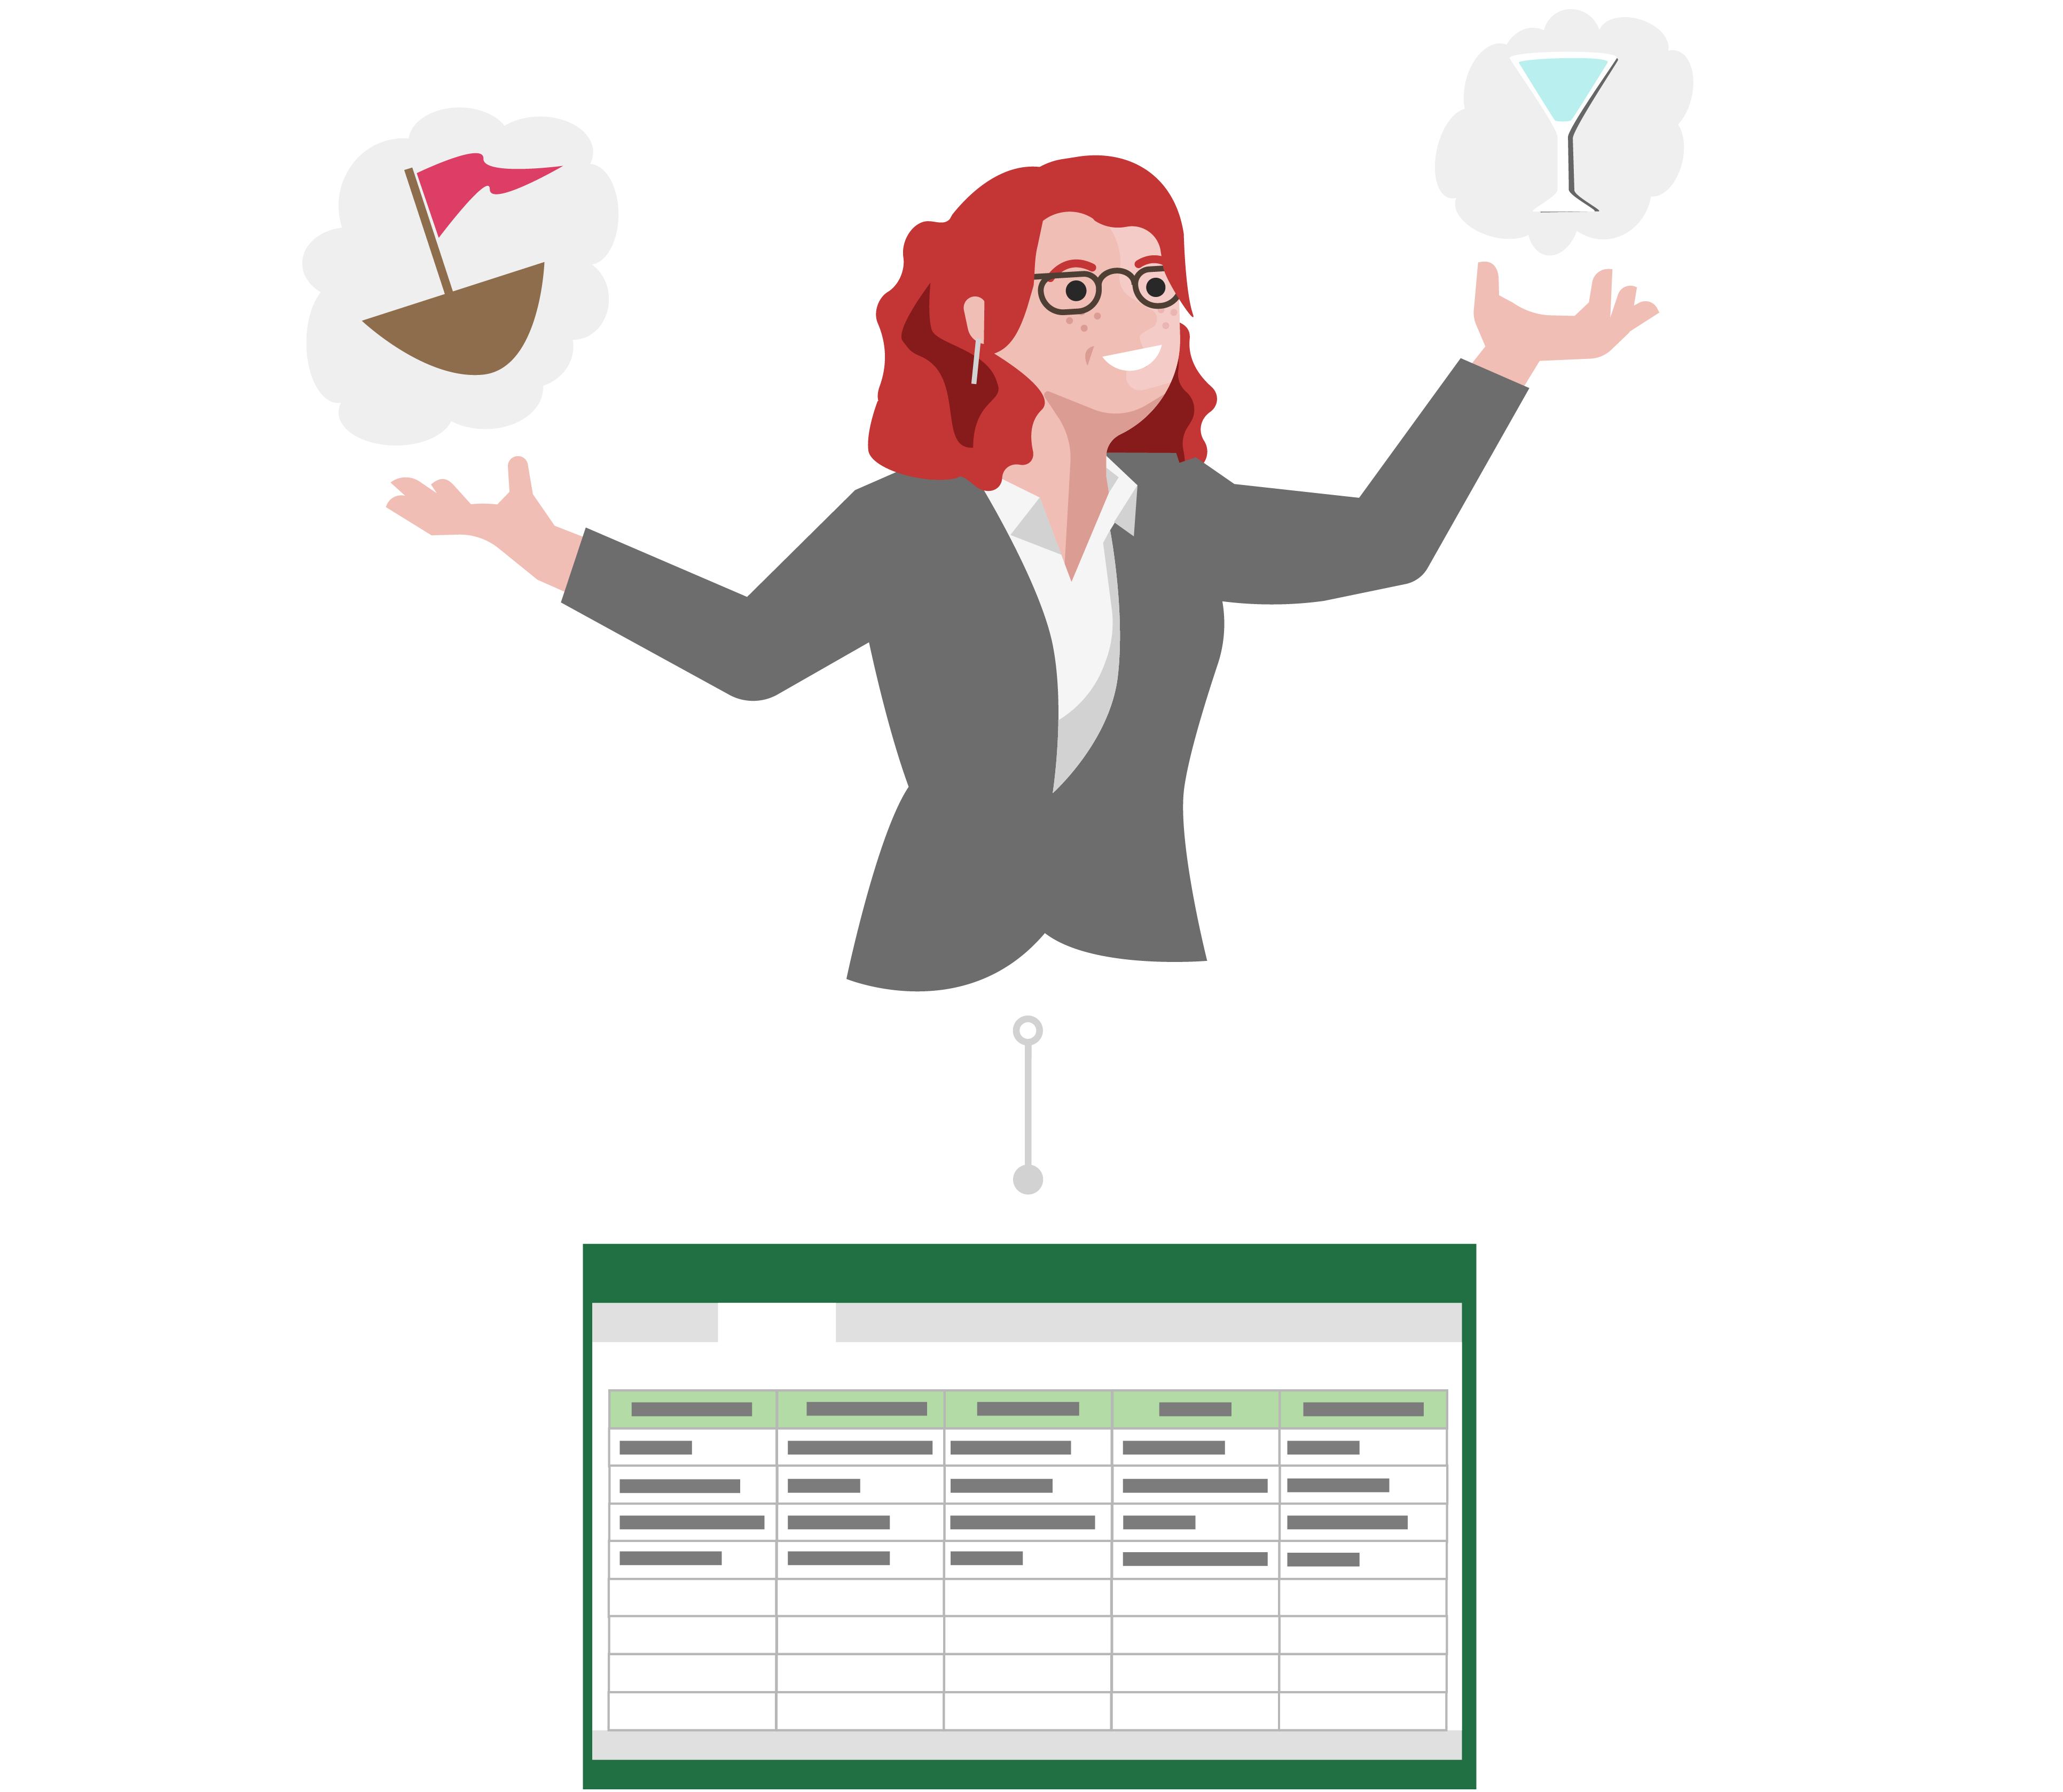 Linda potrebuje povratne informacije o svojih idejah, tako da ustvari preglednico in shrani v oblak.